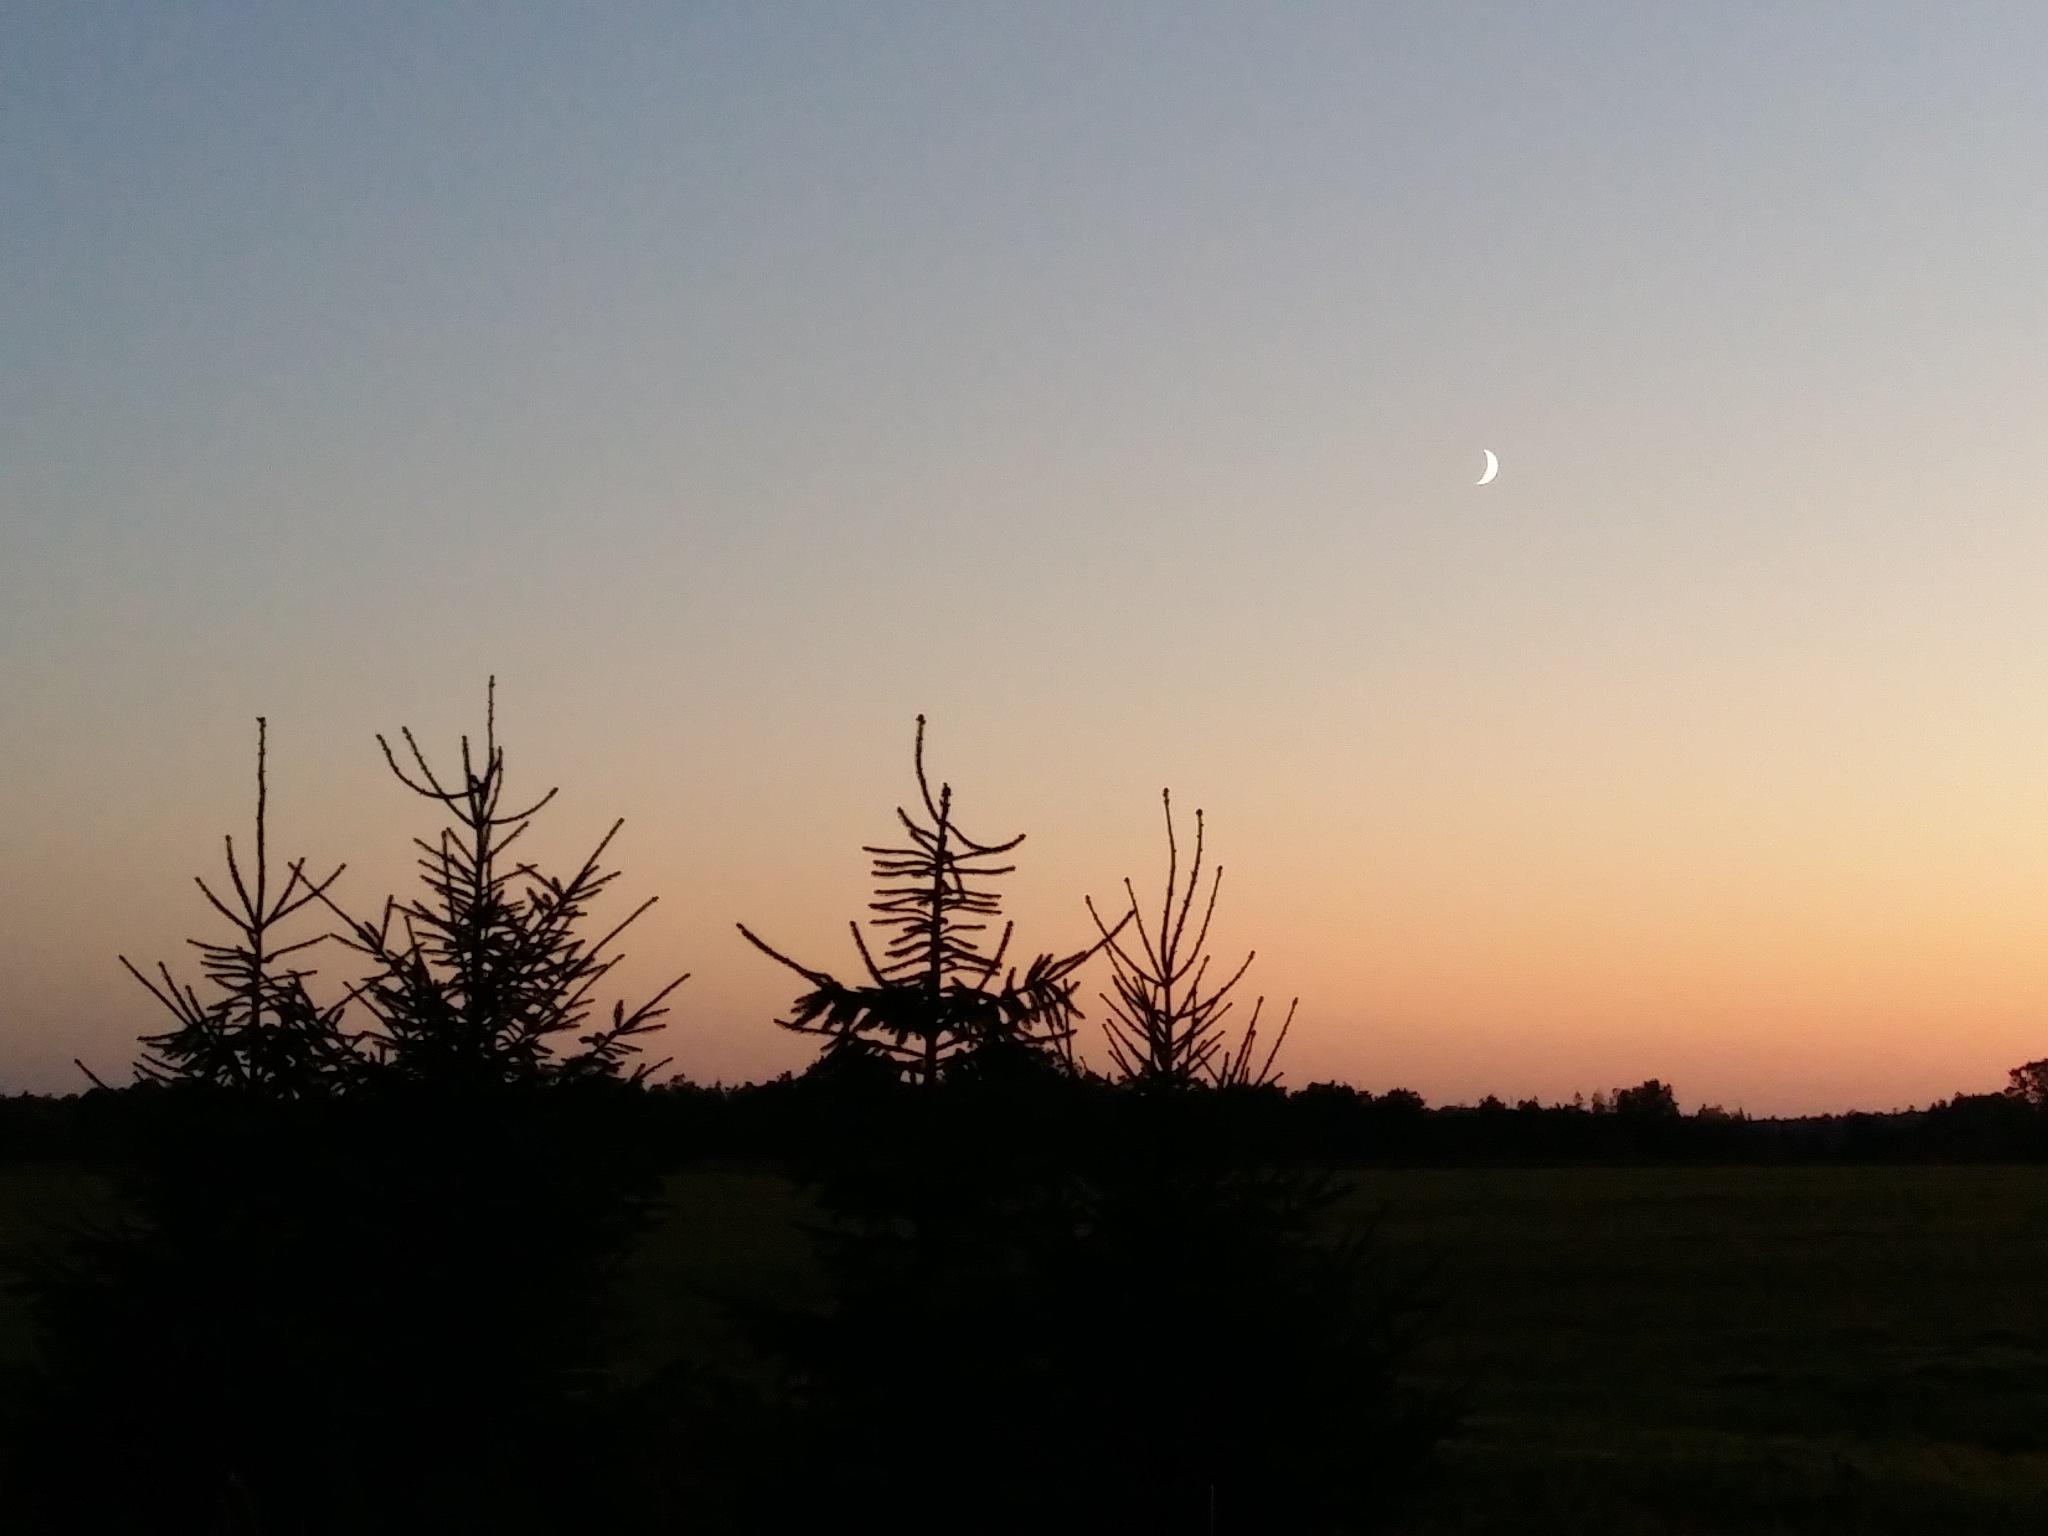 Late evening by uzkuraitiene62